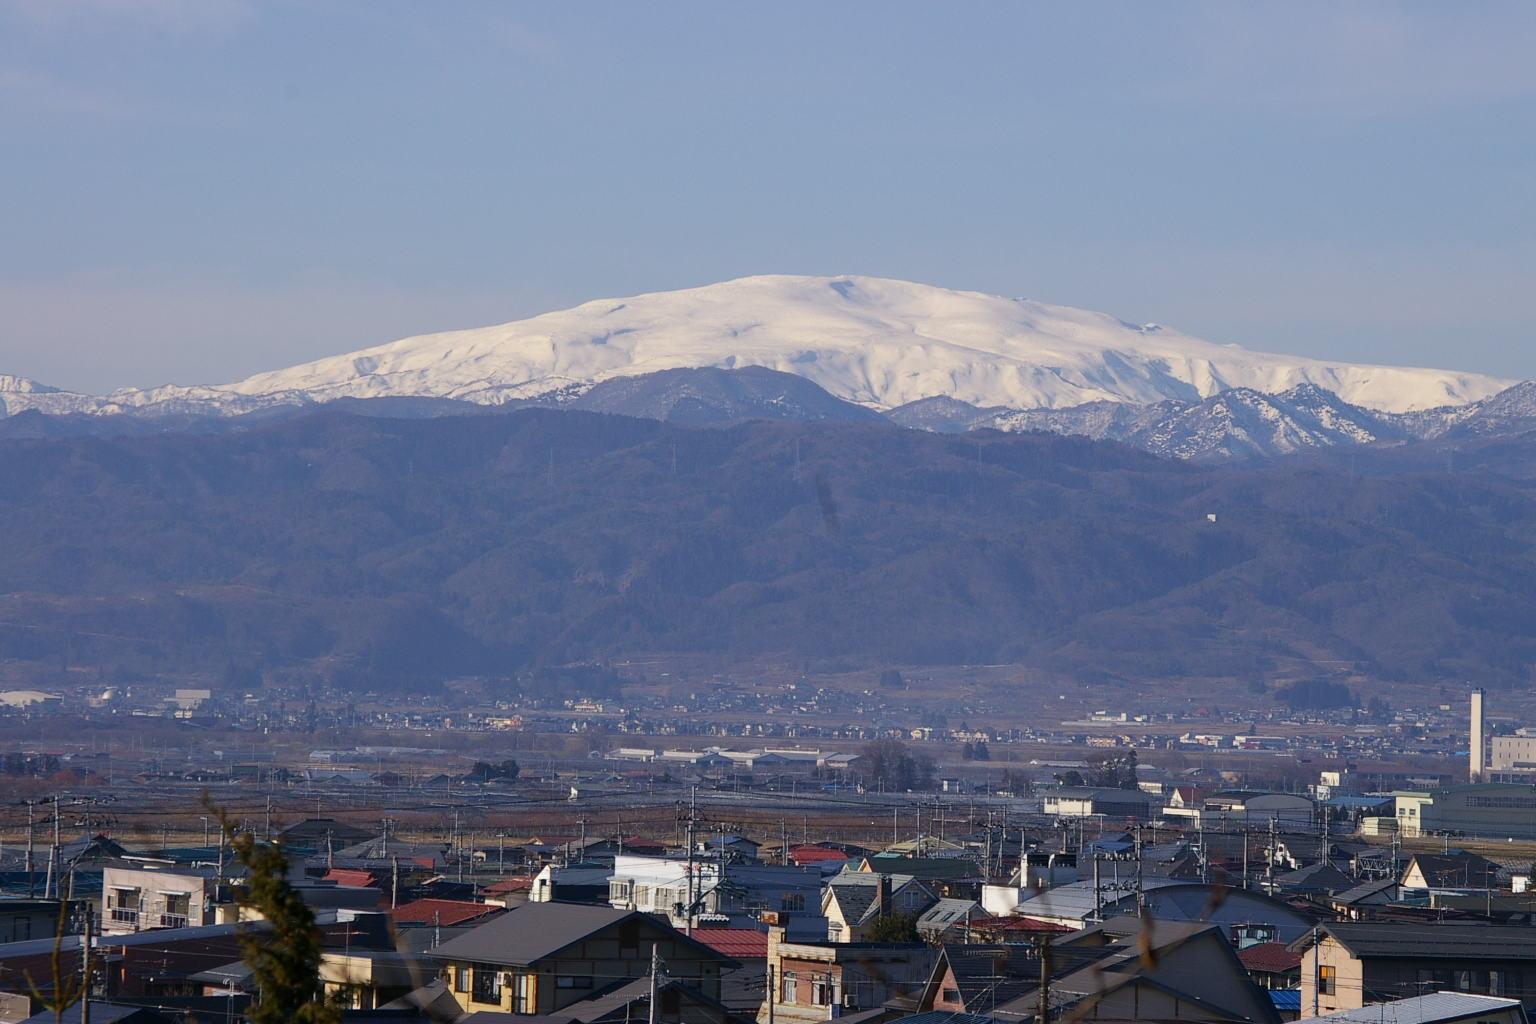 若木山に登って月山を撮影